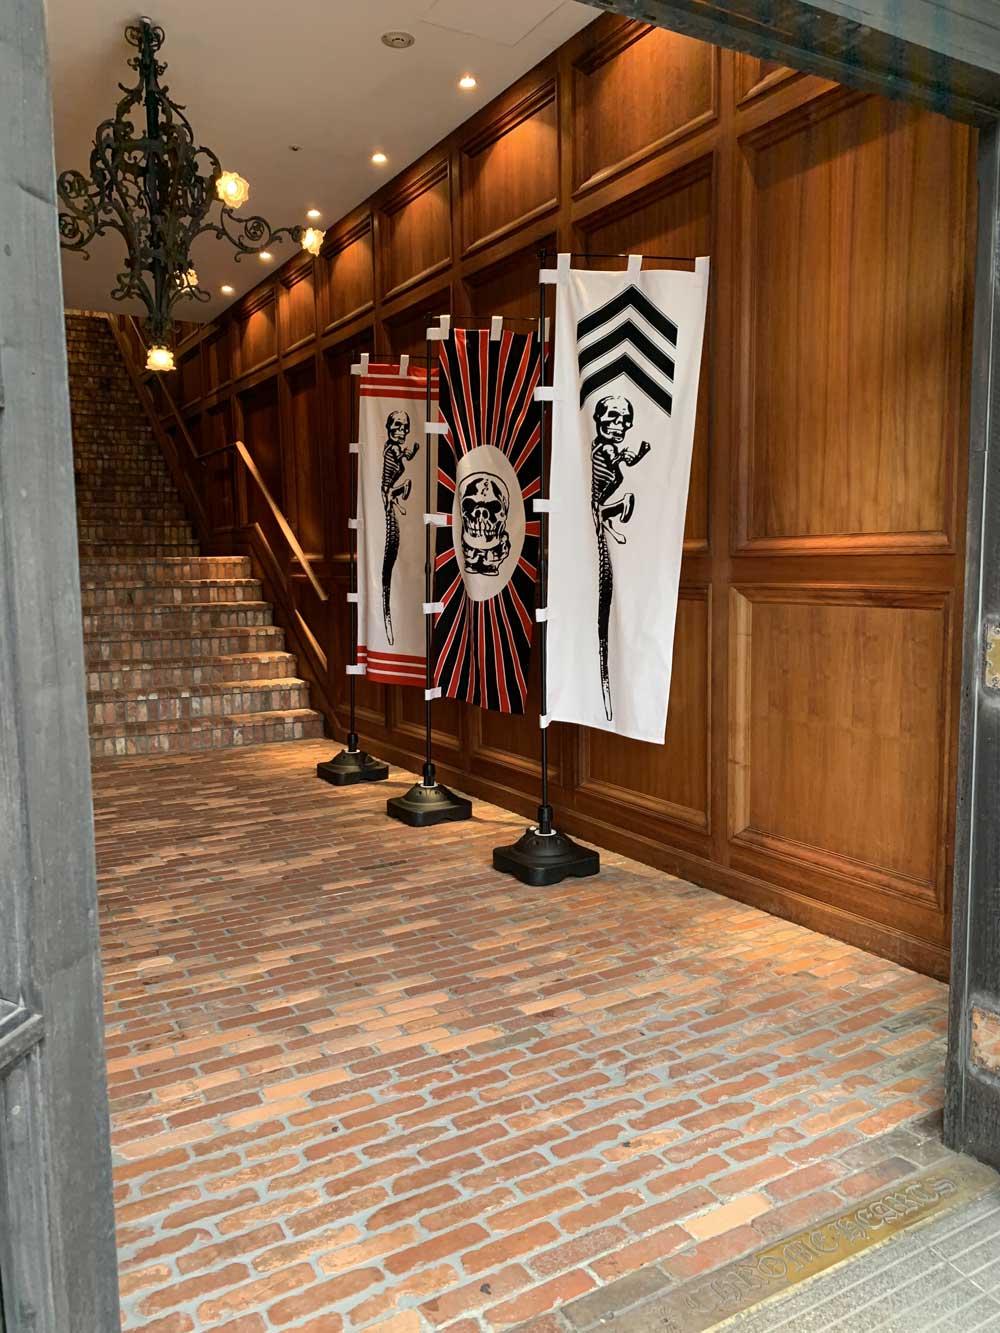 クロムハーツ大阪の店内にのぼりが立っています。